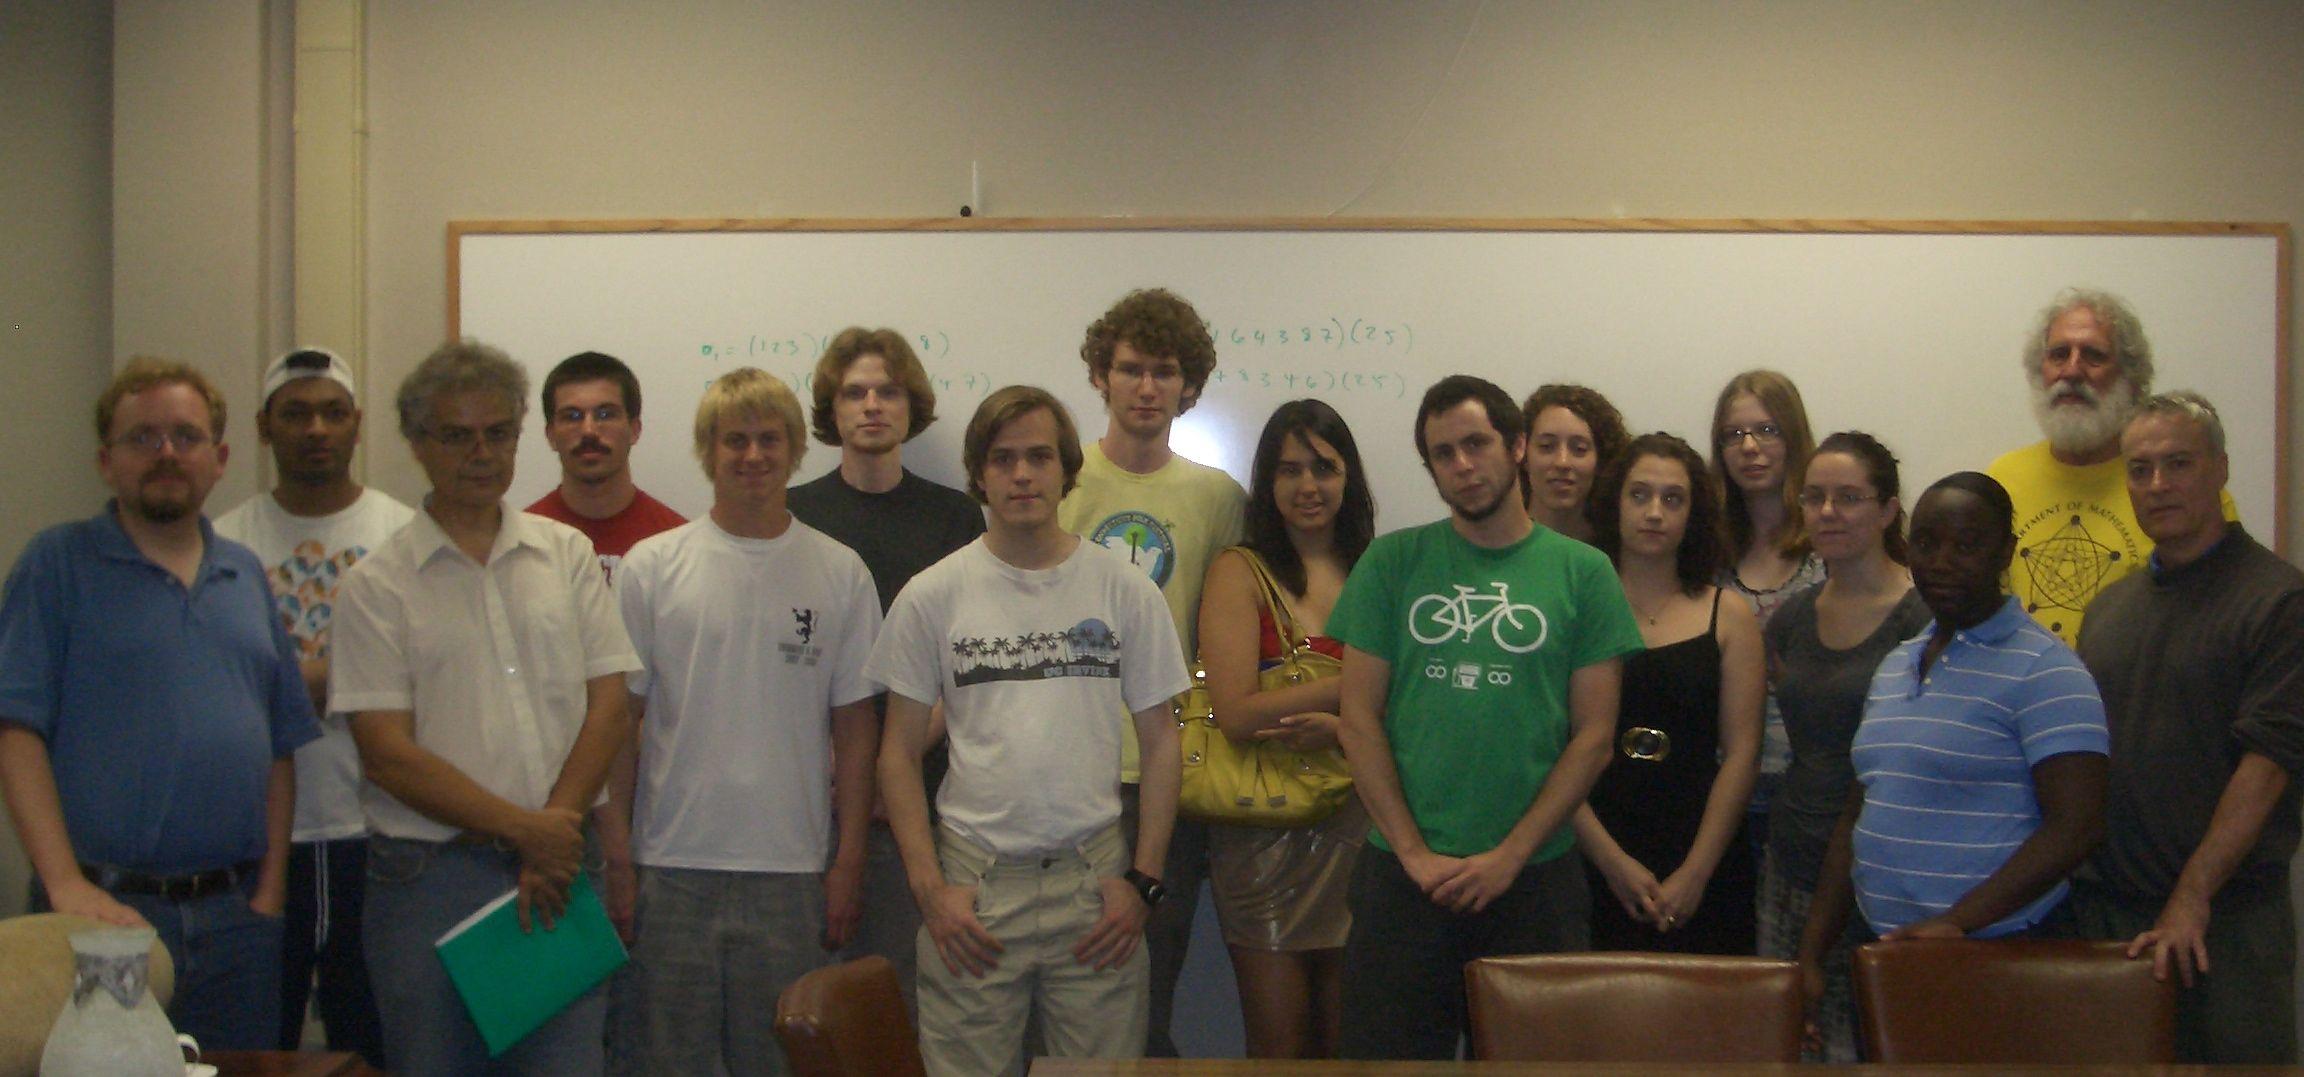 REU 2010 Group Photo